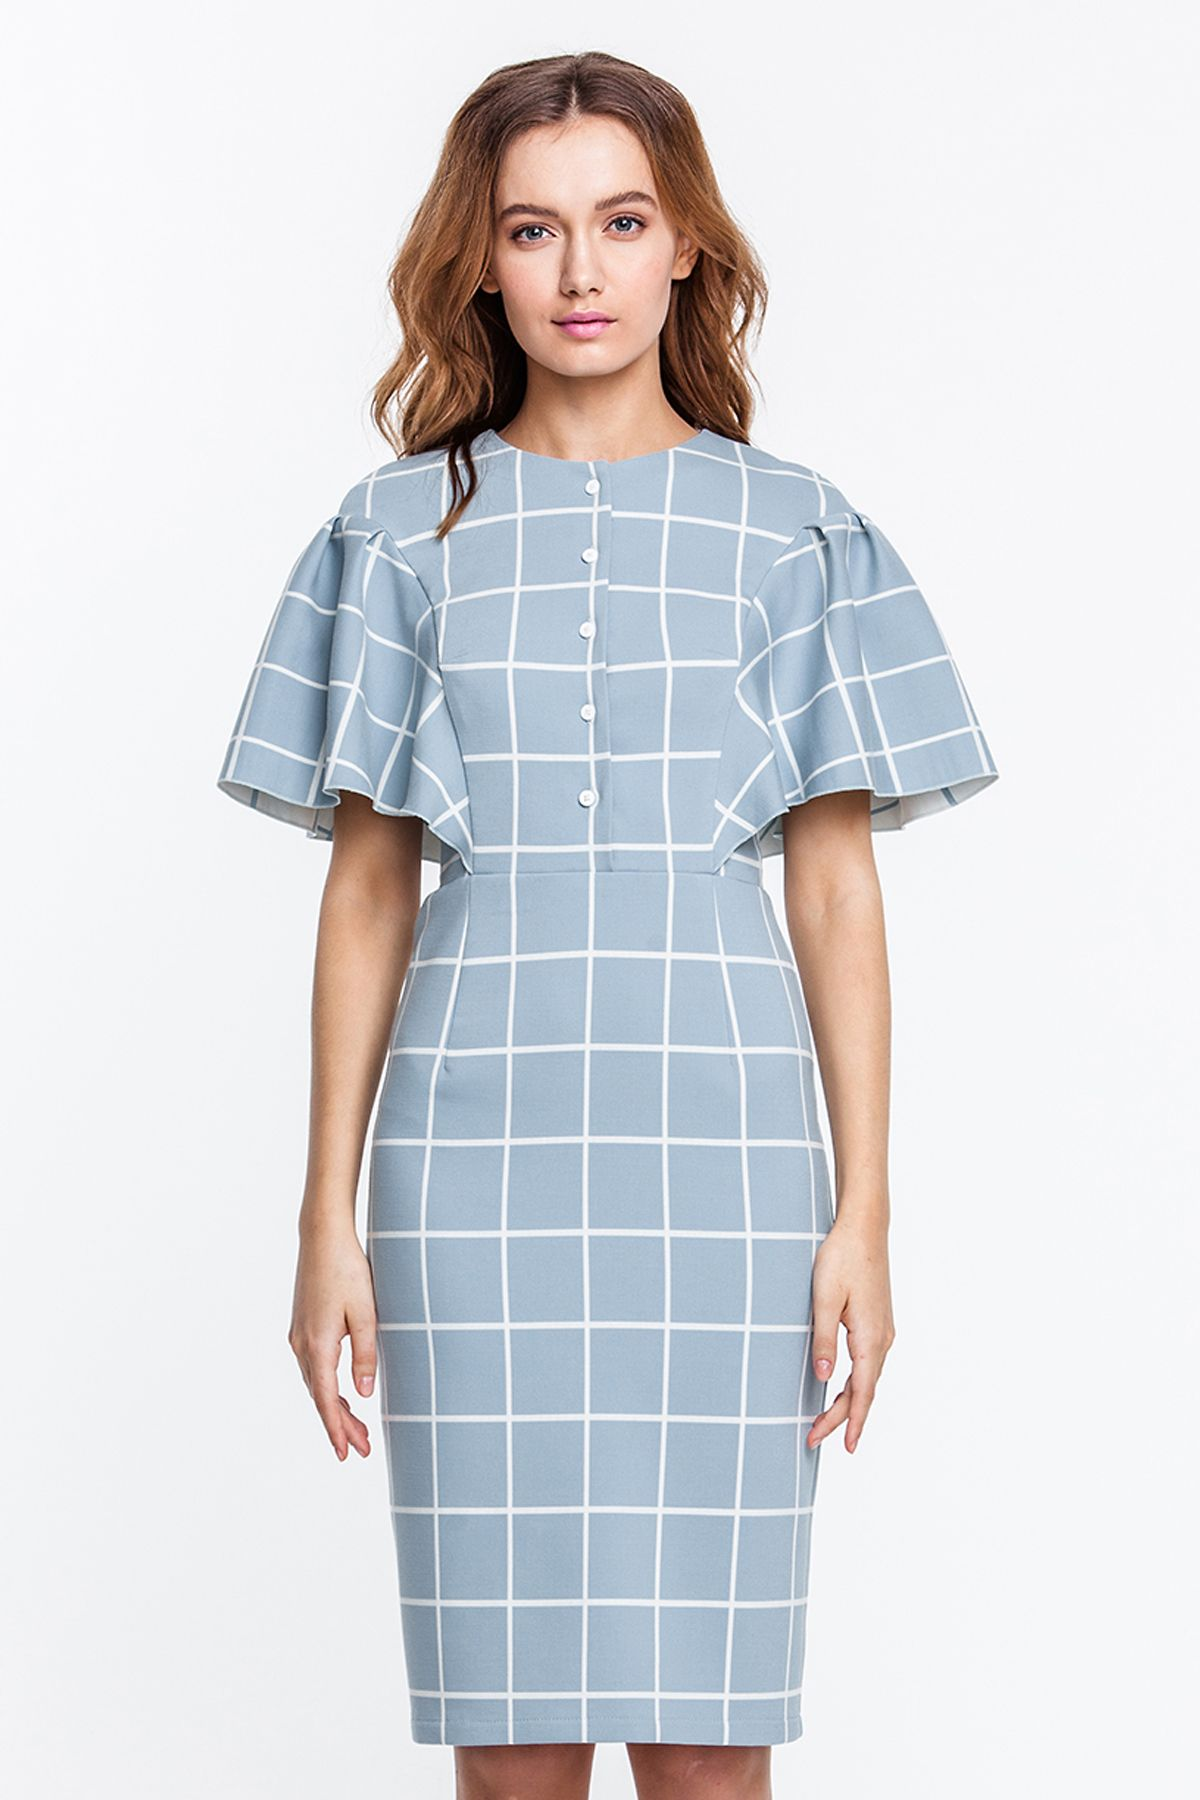 490550739446152 2264 Платье-футляр голубое в белую клетку, с планкой и пышными рукавами  купить в